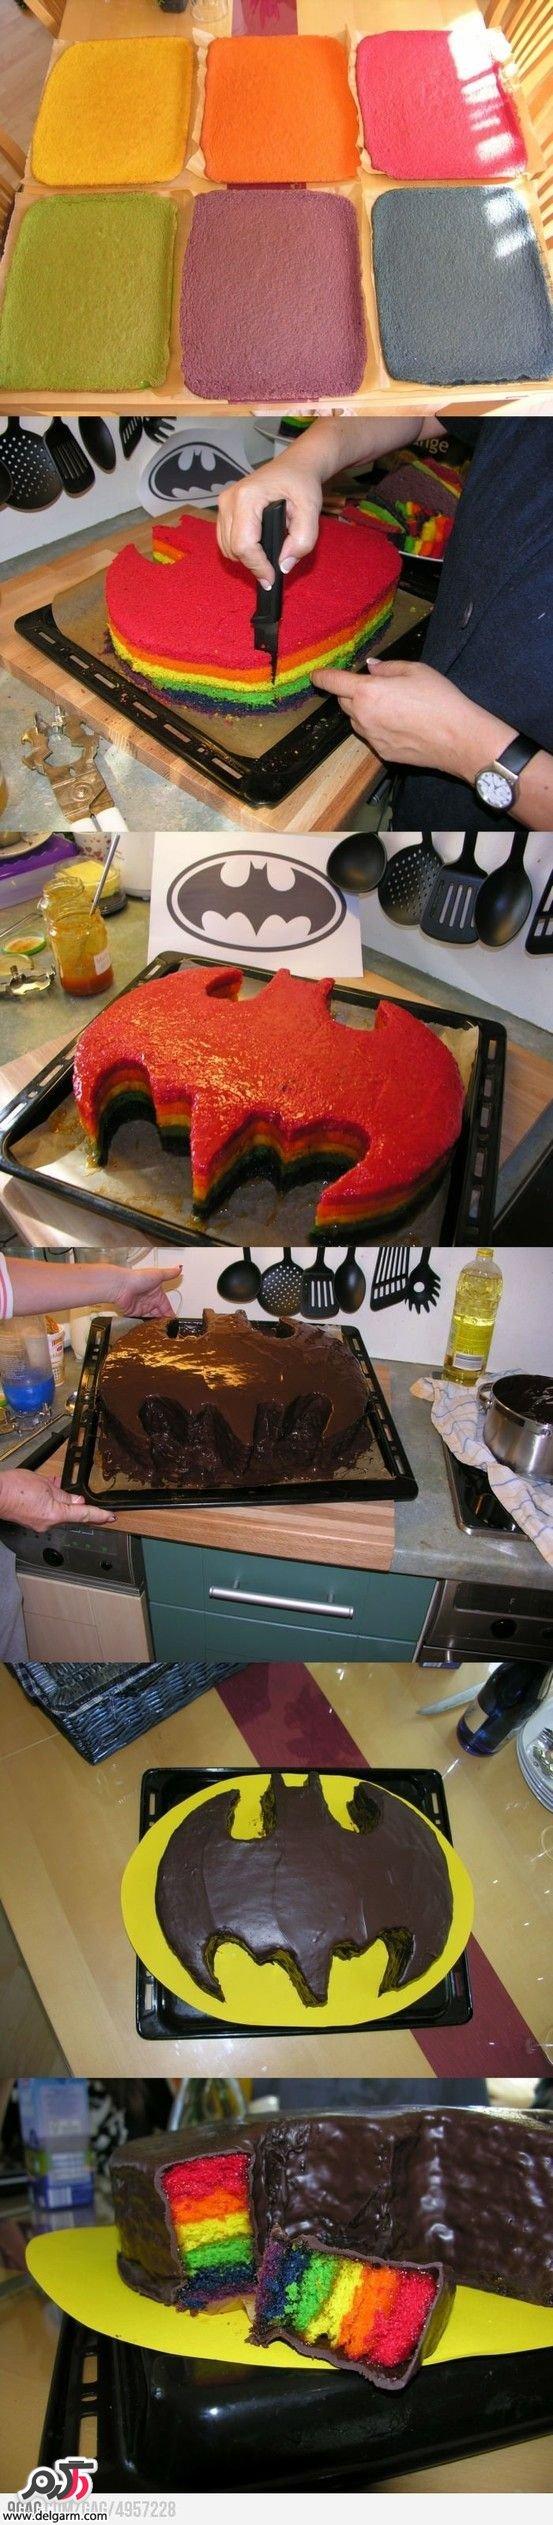 تهیه کیک بت من رنگین کمانی با روکش شکلات